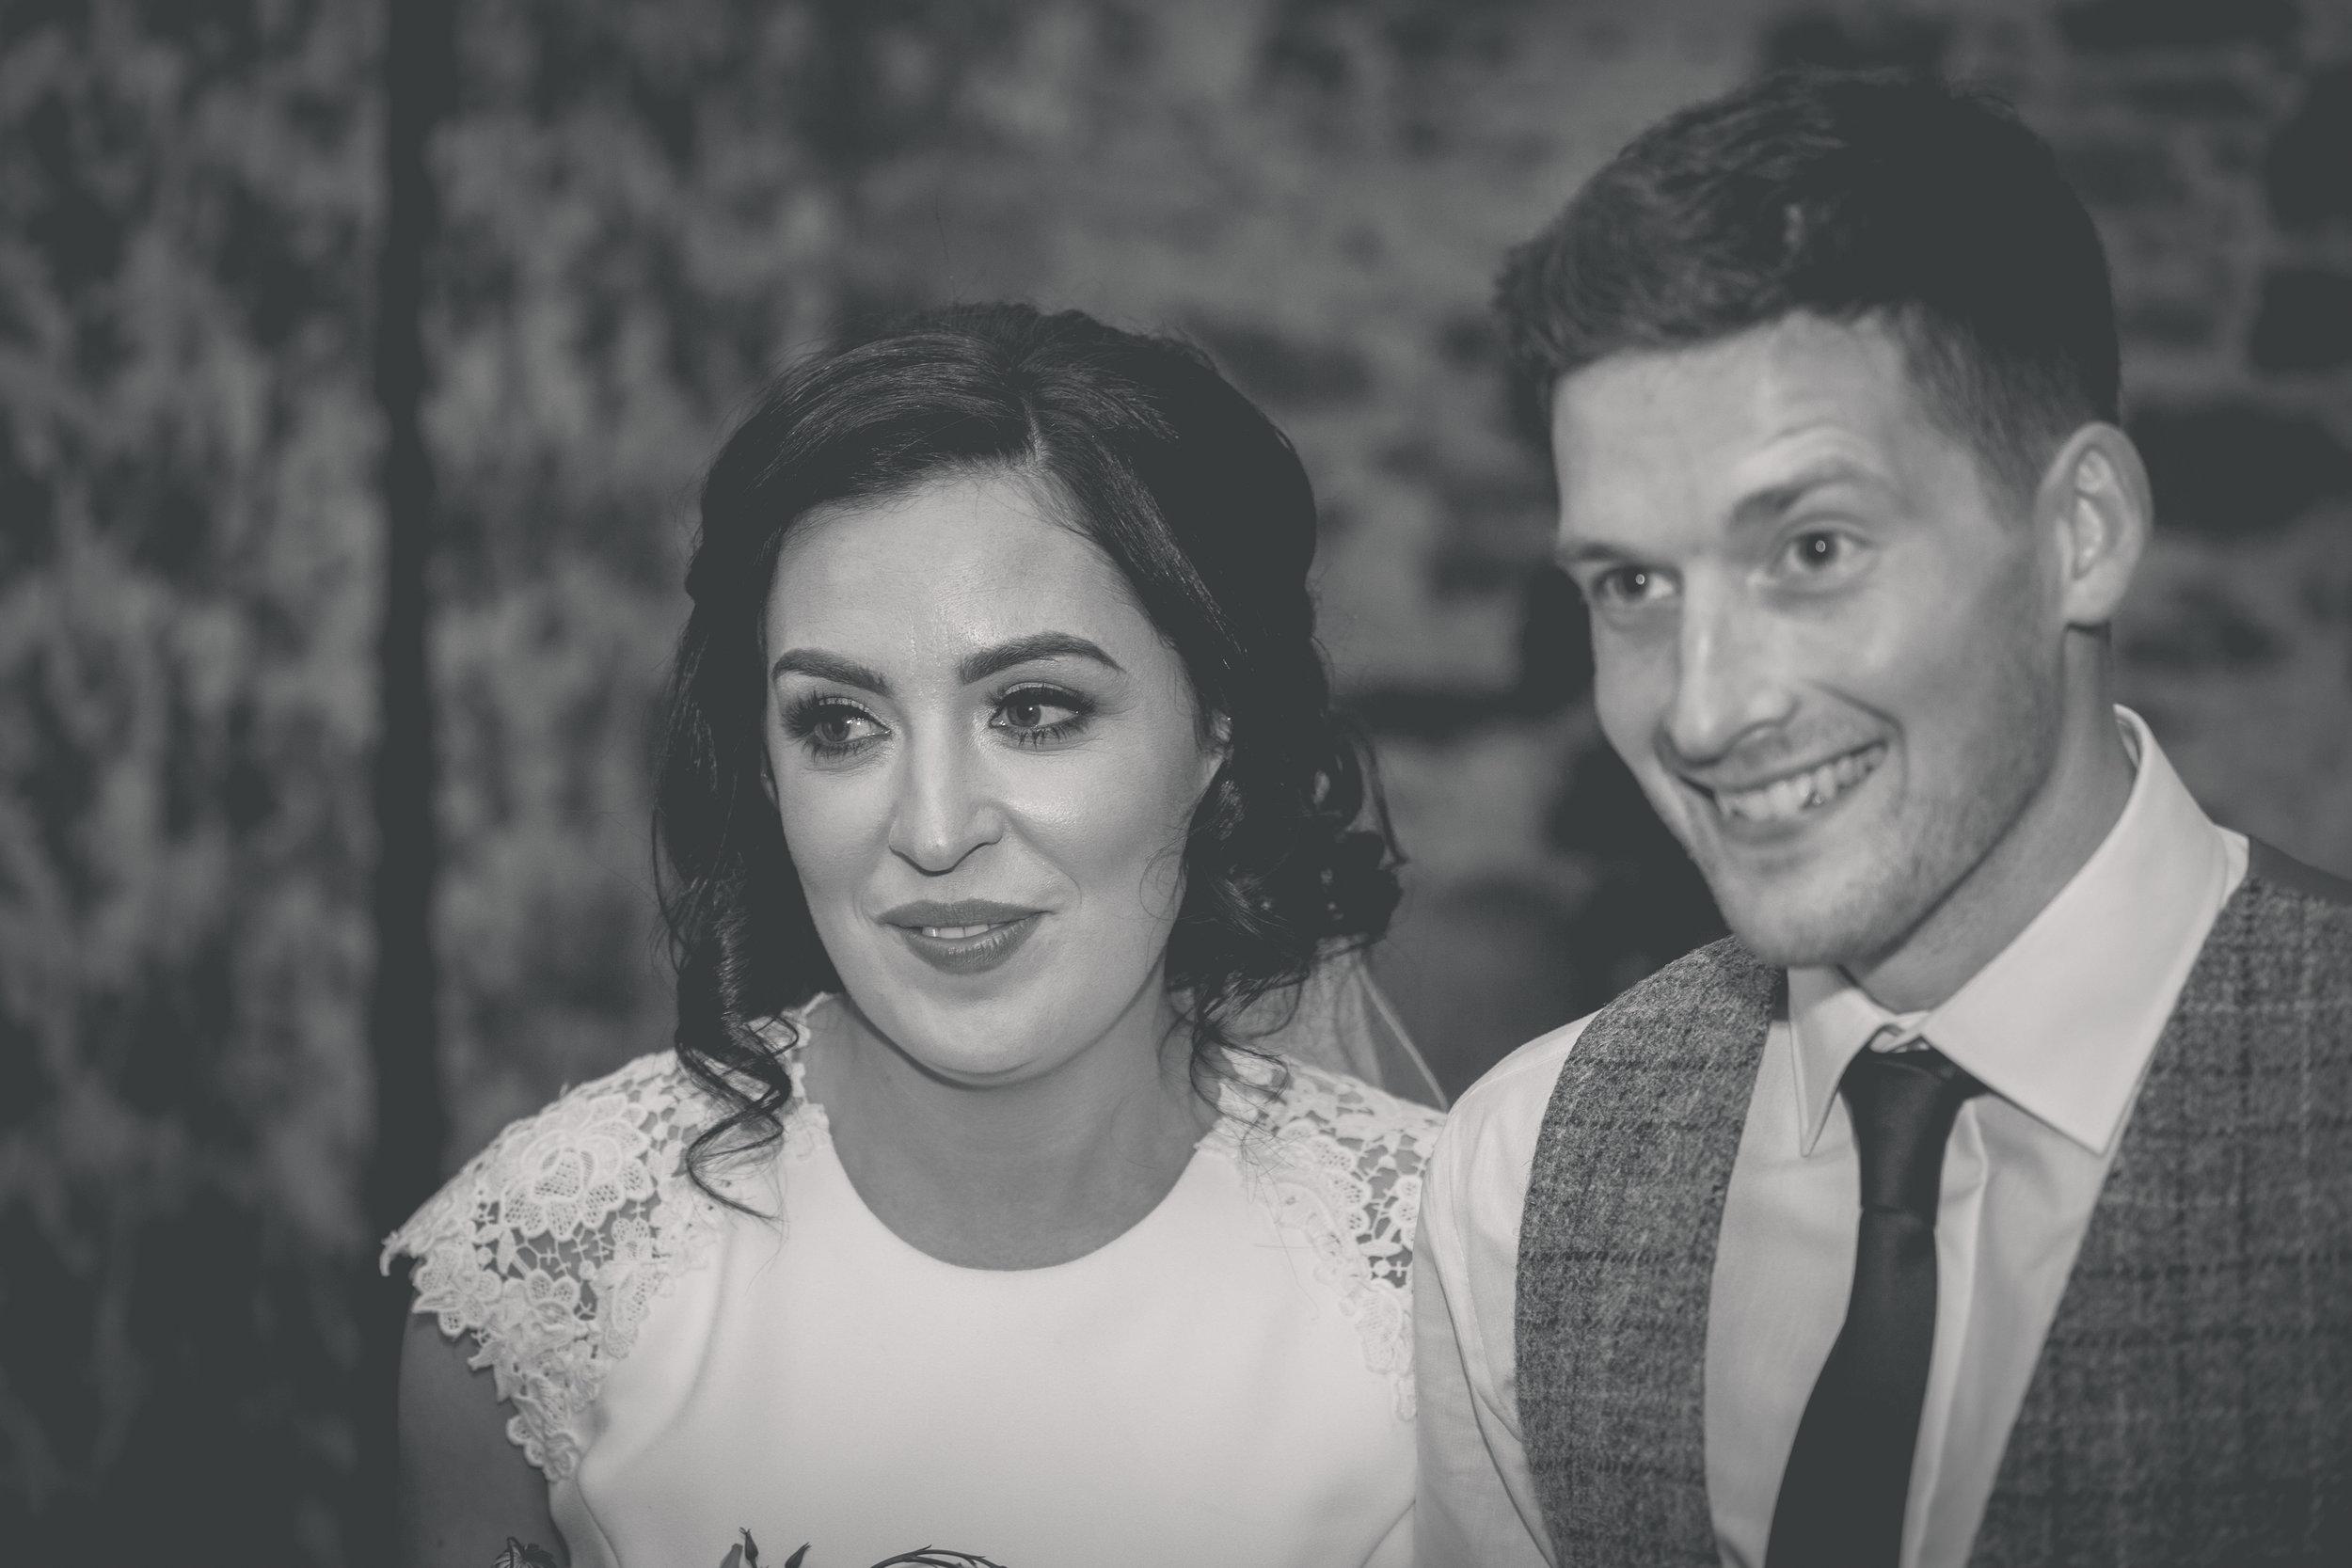 Brian McEwan Wedding Photography | Carol-Anne & Sean | The Speeches-52.jpg